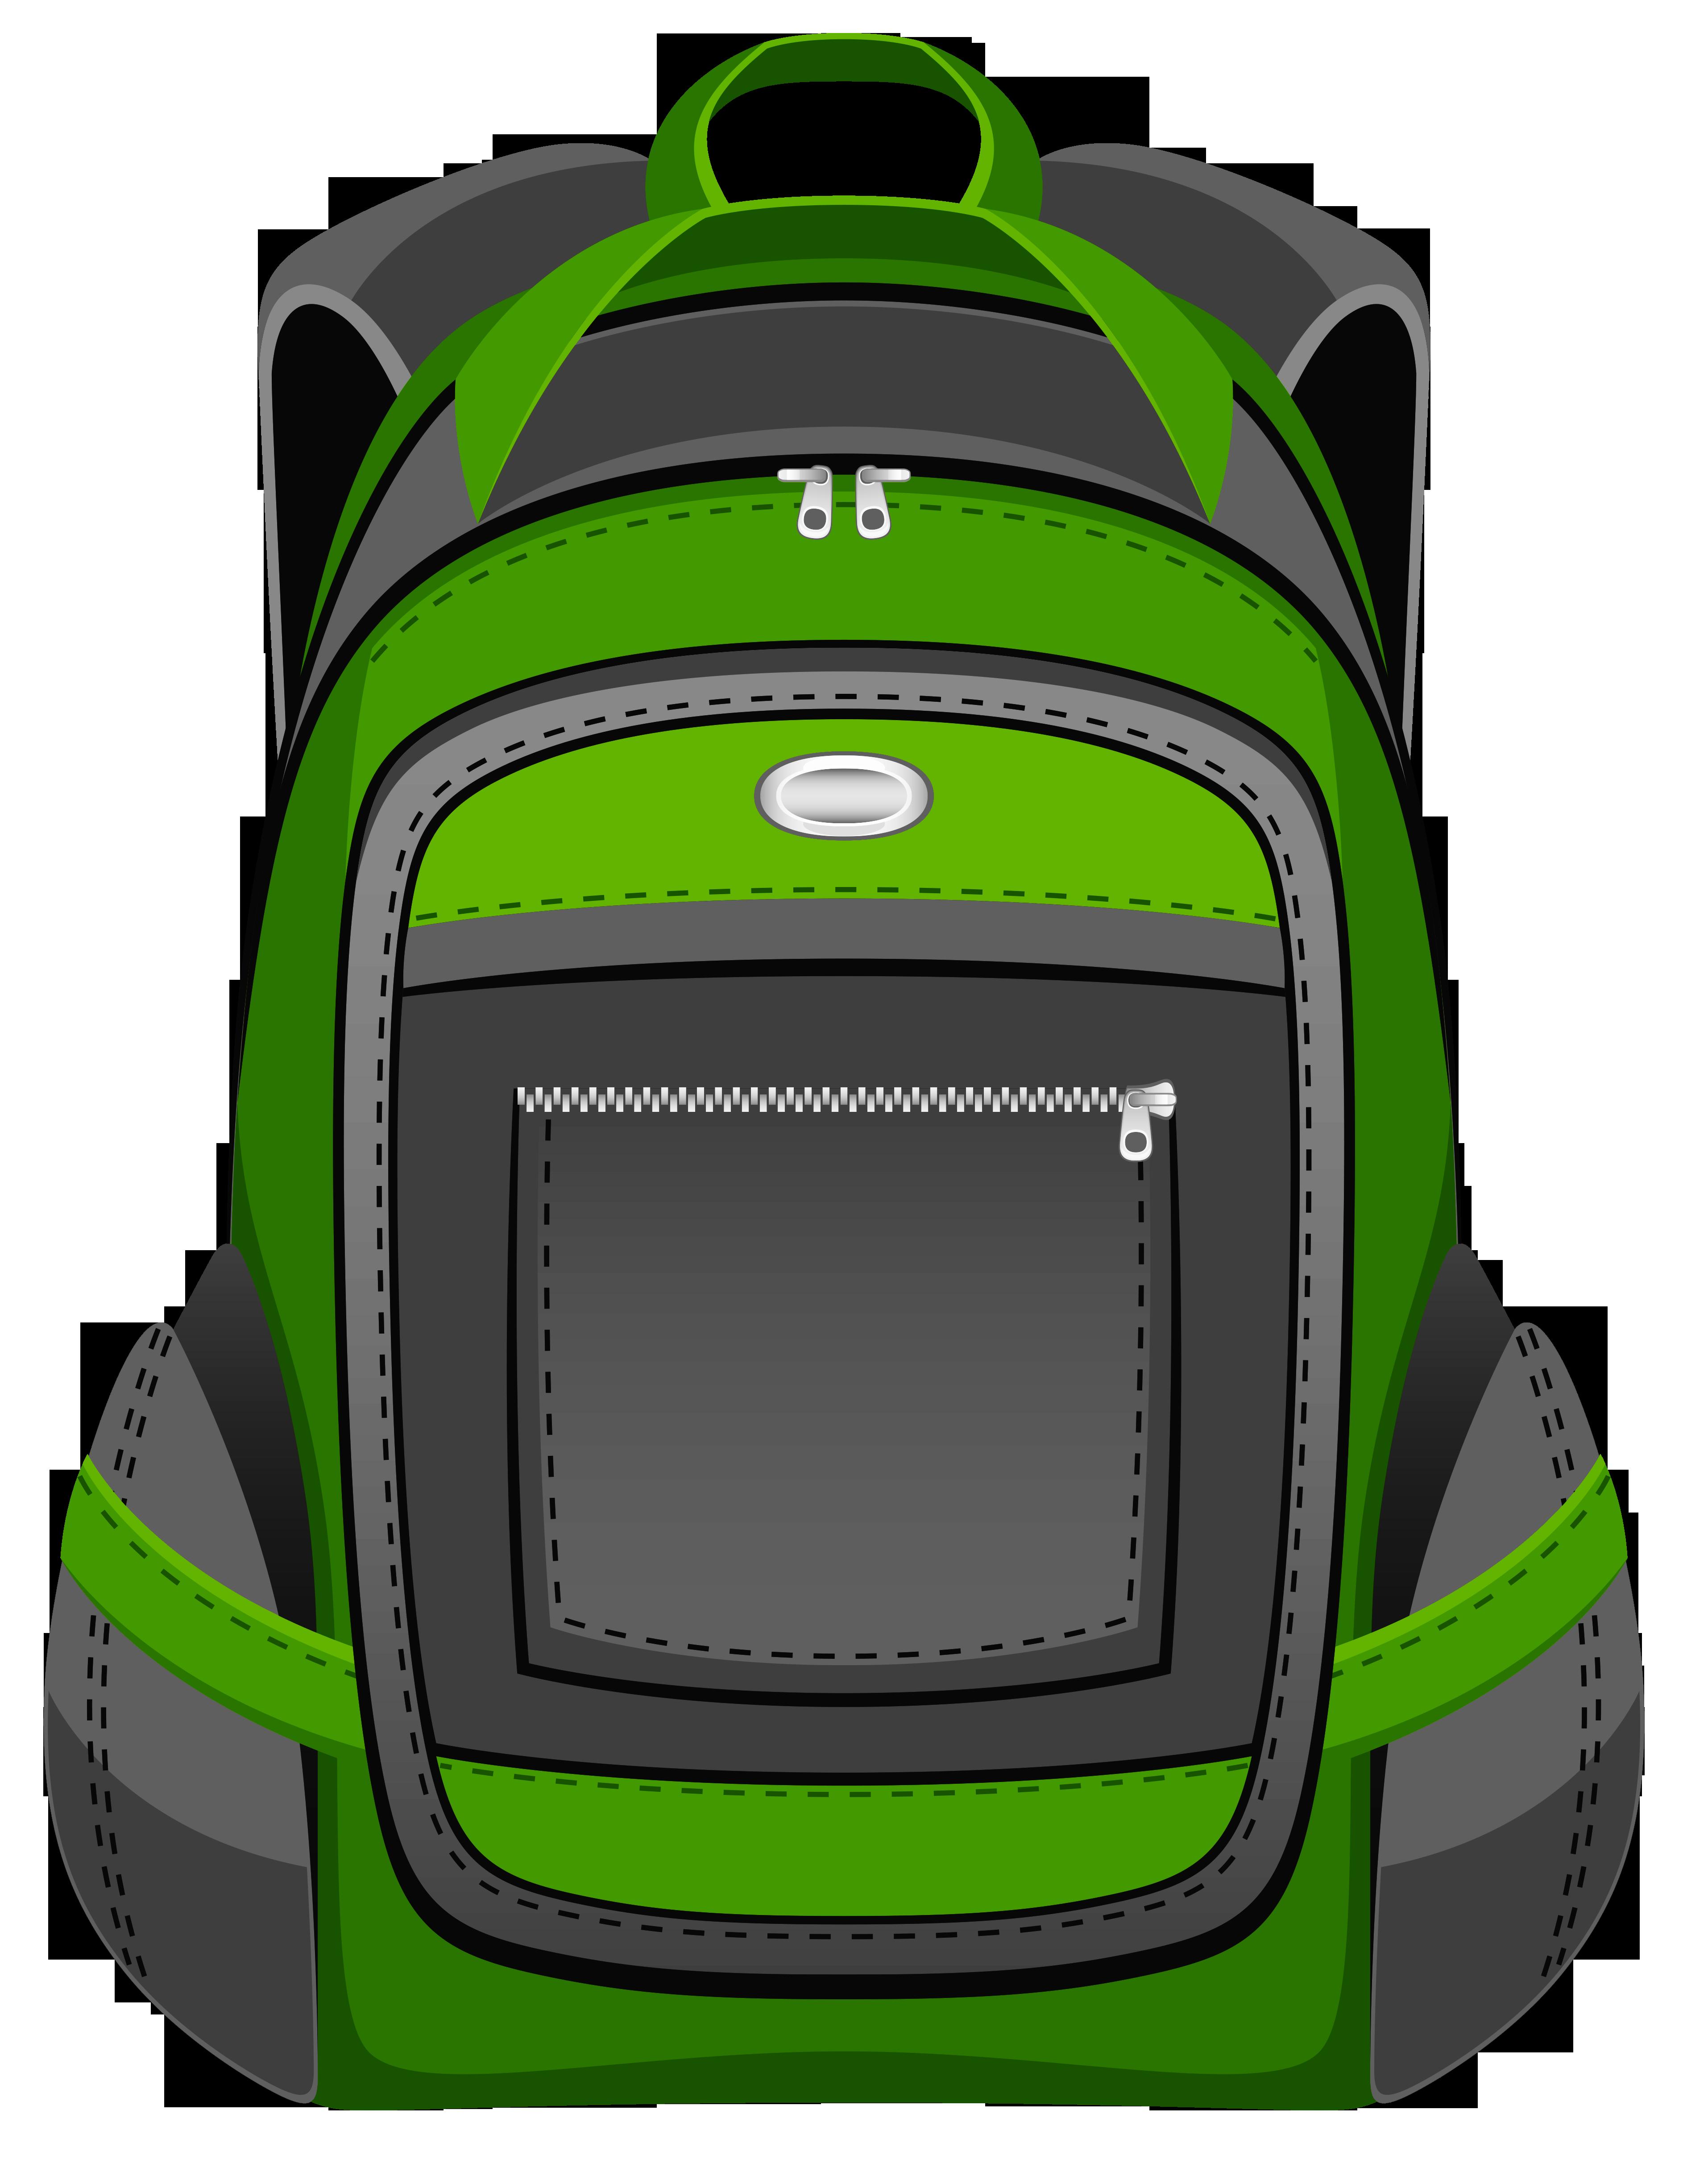 Backpacks images gallery for. Bookbag clipart backback